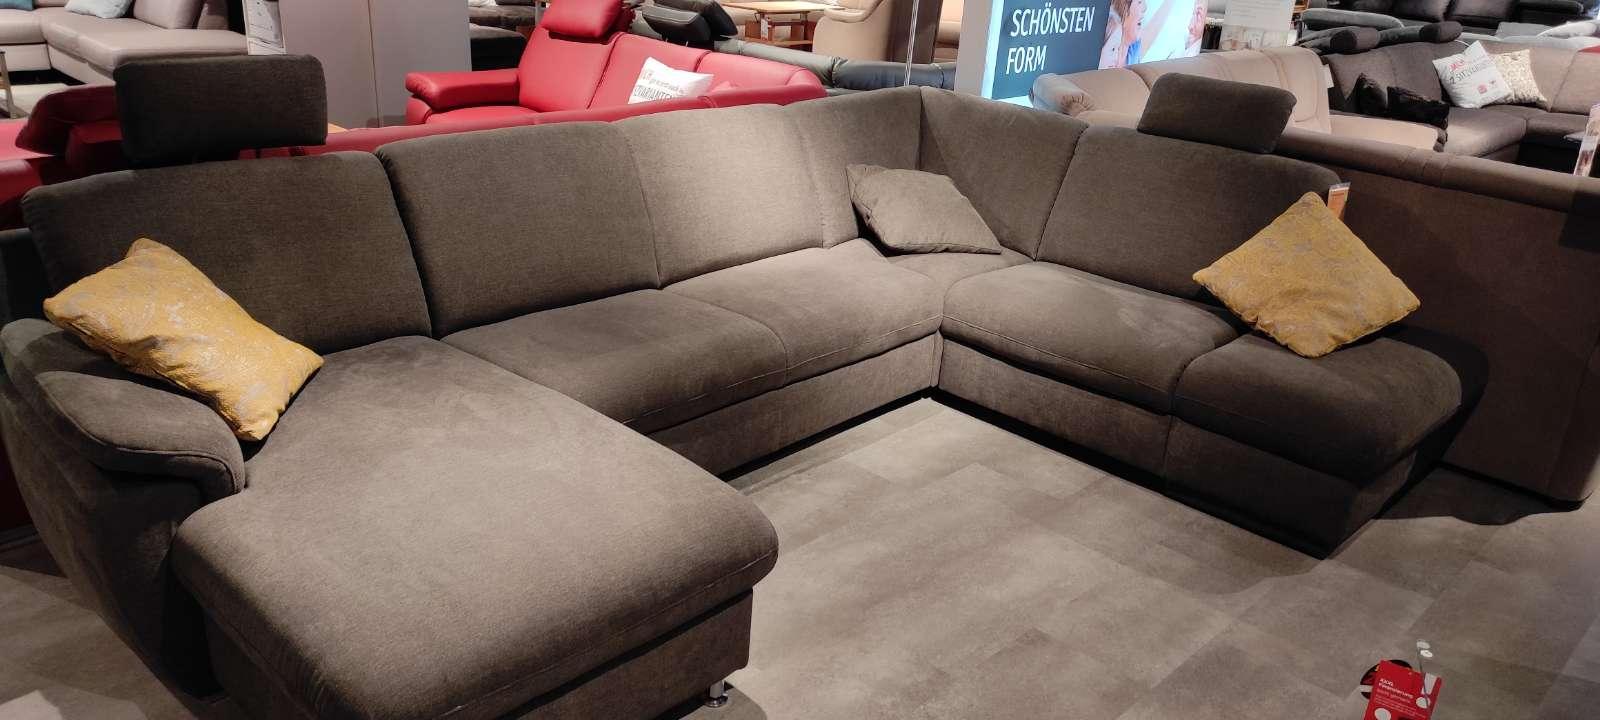 Möbel, Beldomo, Wohnlandschaft inkl. Sessel, Olympus, XXXLutz